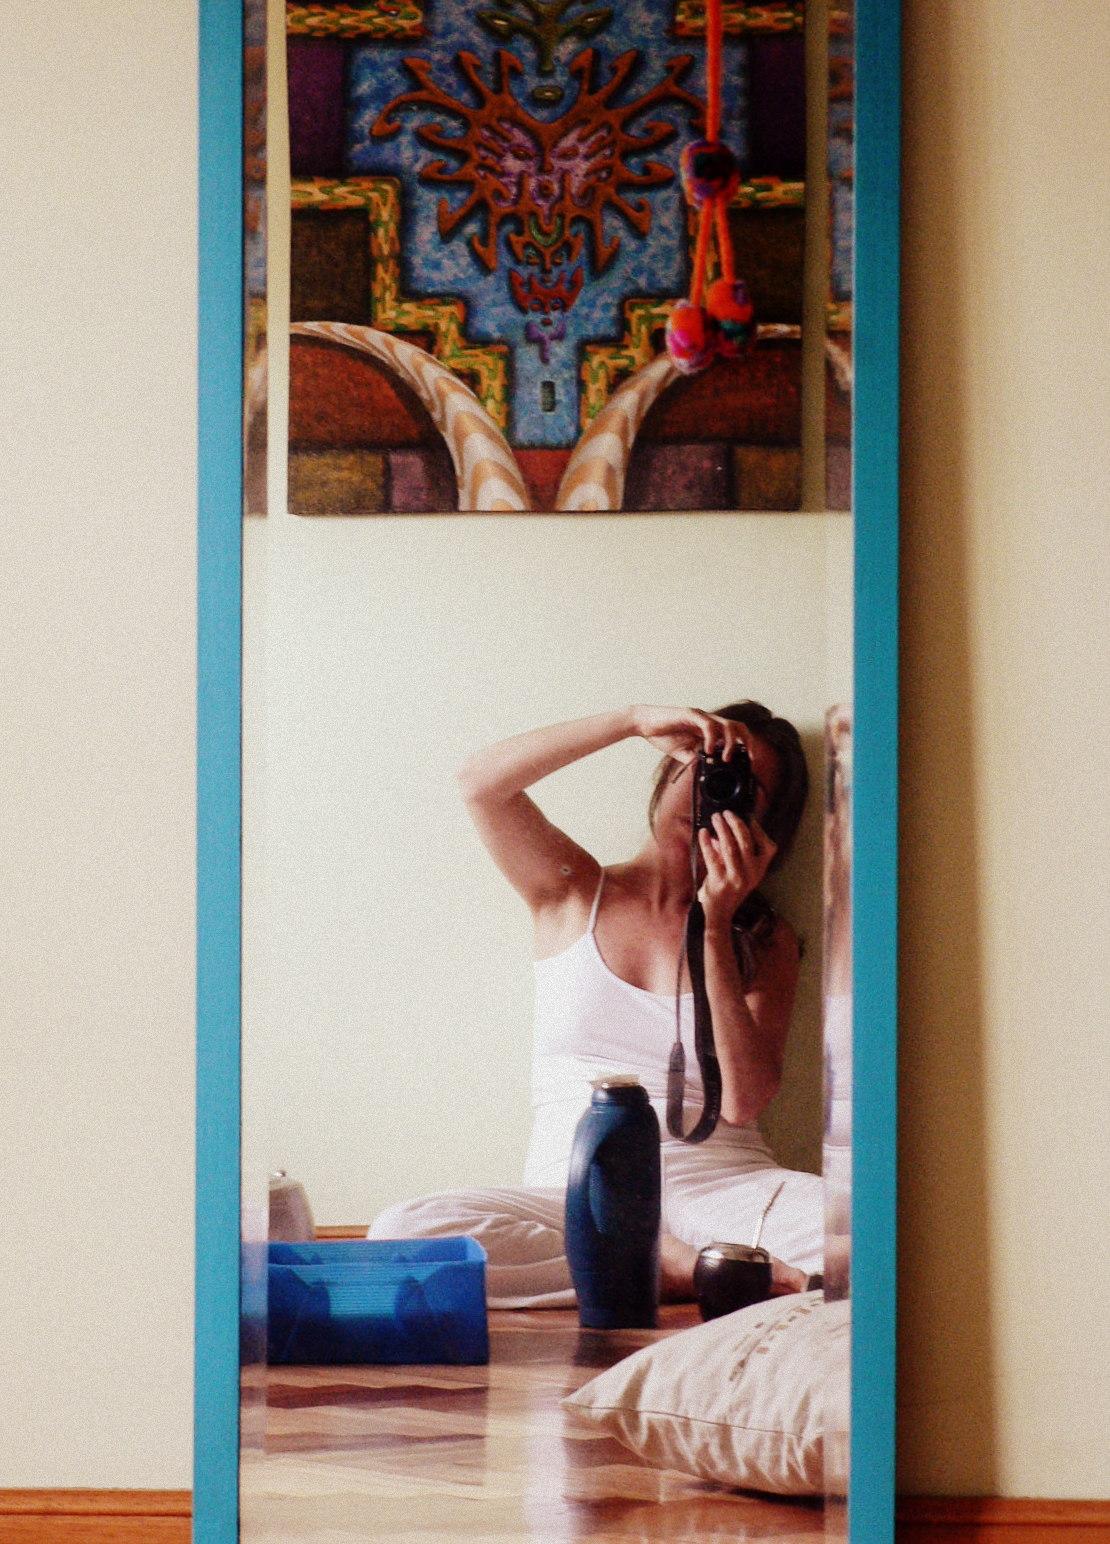 Nube de agua cuadro de amiga espejo de abuela y flor - Cuadros de espejo ...